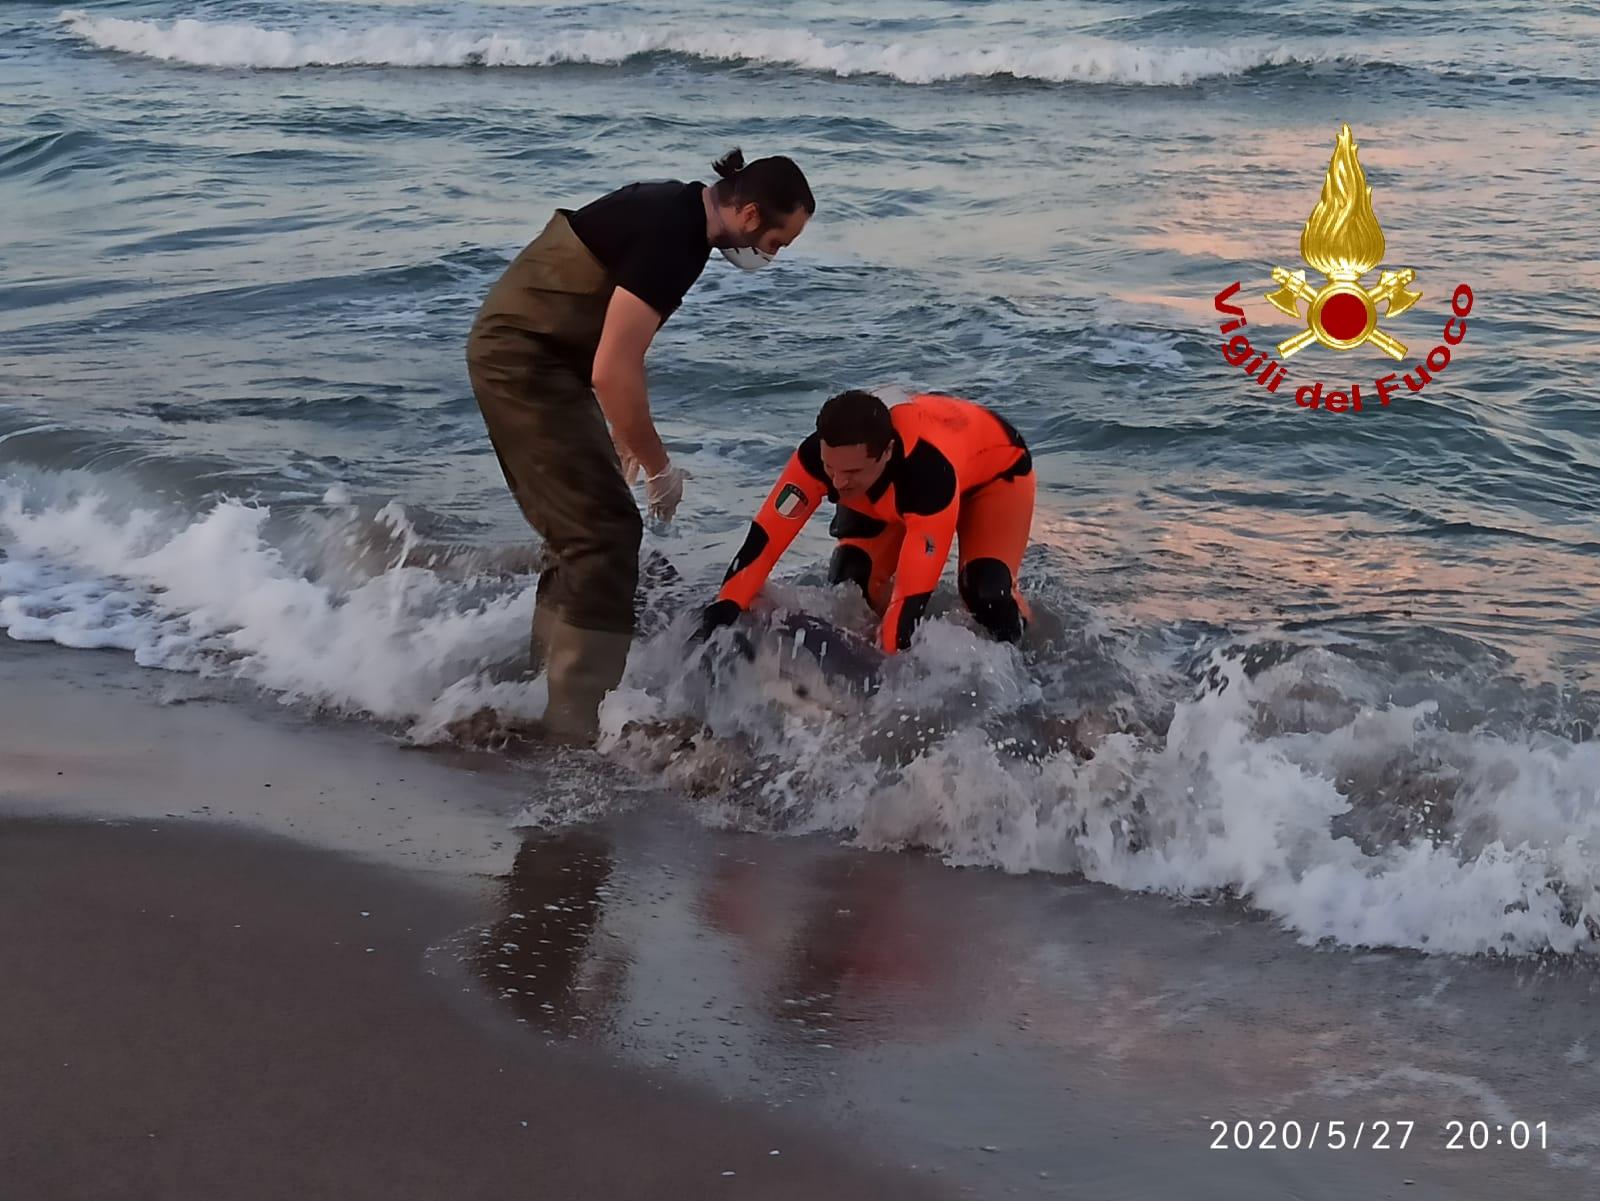 Tragico evento alla Playa di Catania, delfino soccorso in riva muore nonostante gli aiuti – LE FOTO